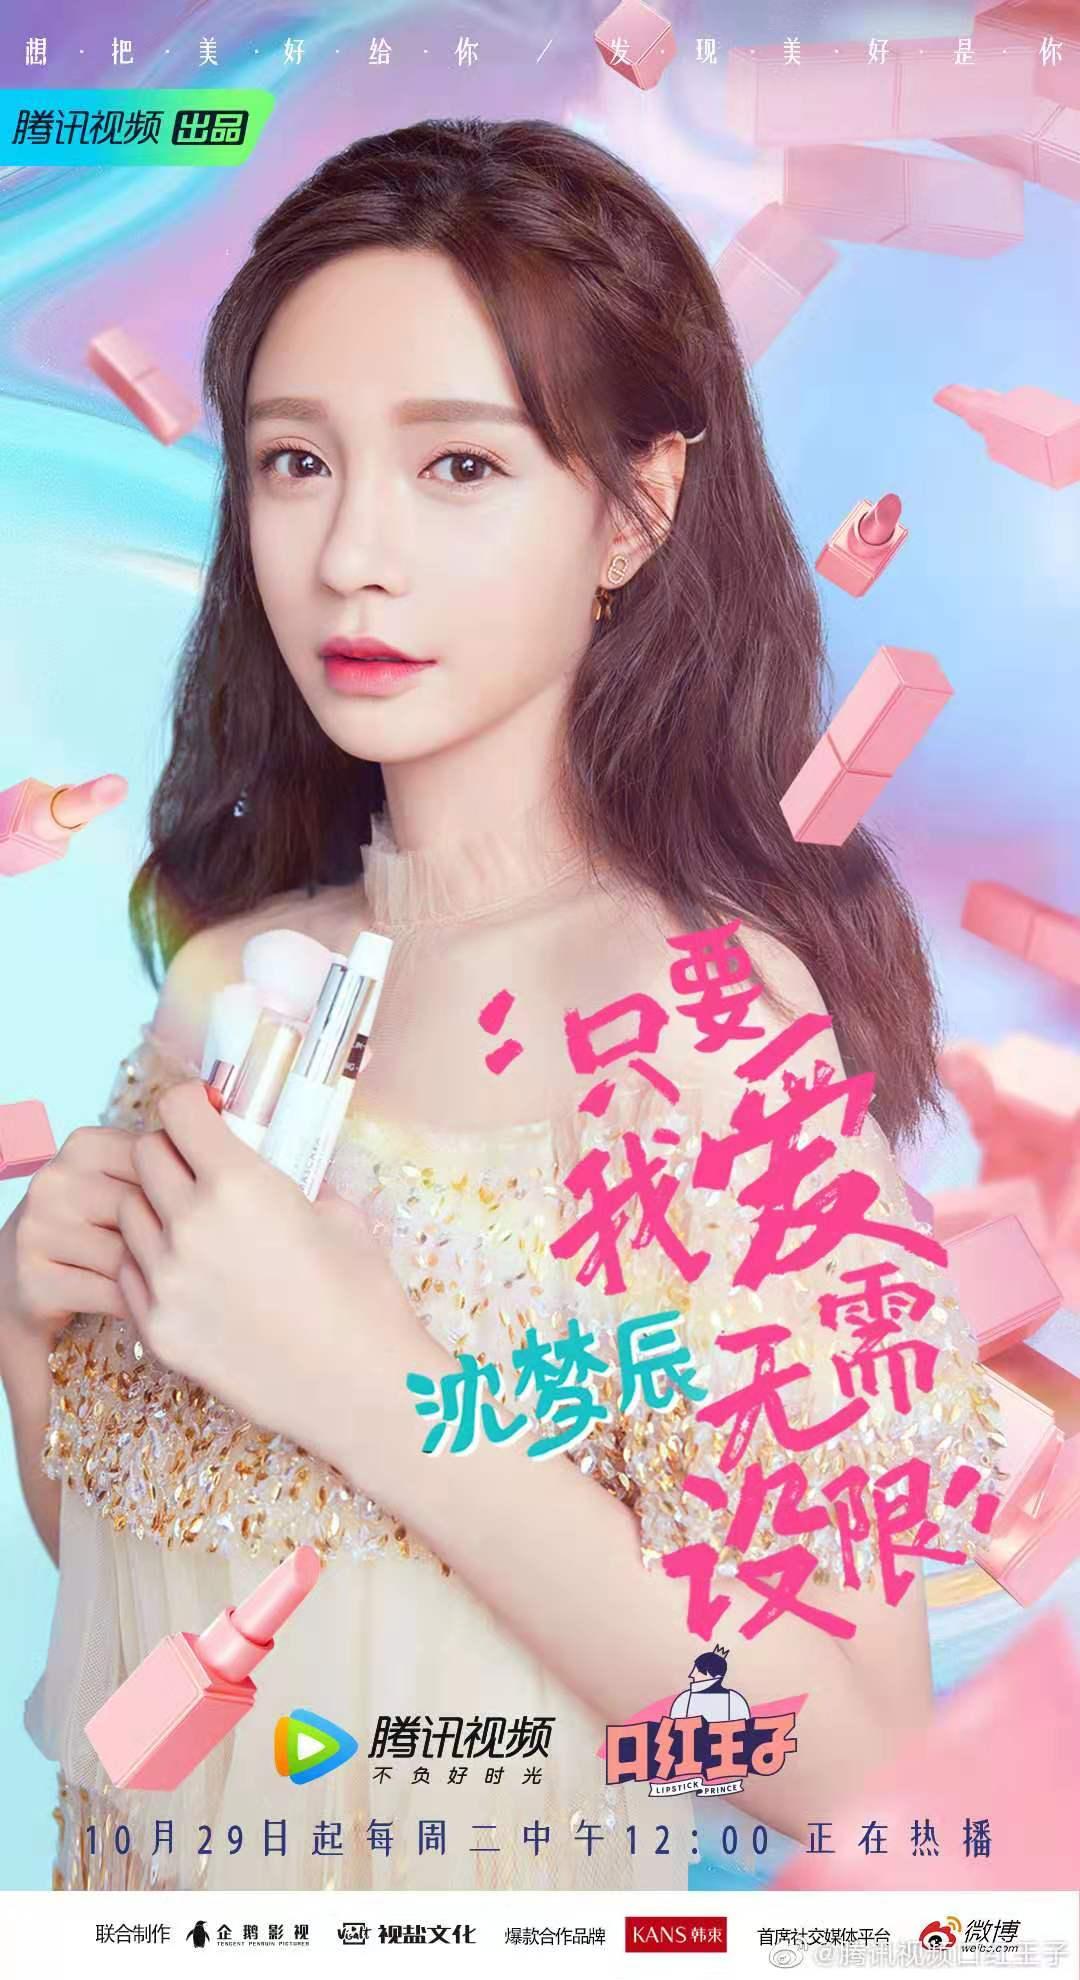 《口红王子2》来袭 吴宣仪与毕雯珺甜蜜互动,你心动了吗?